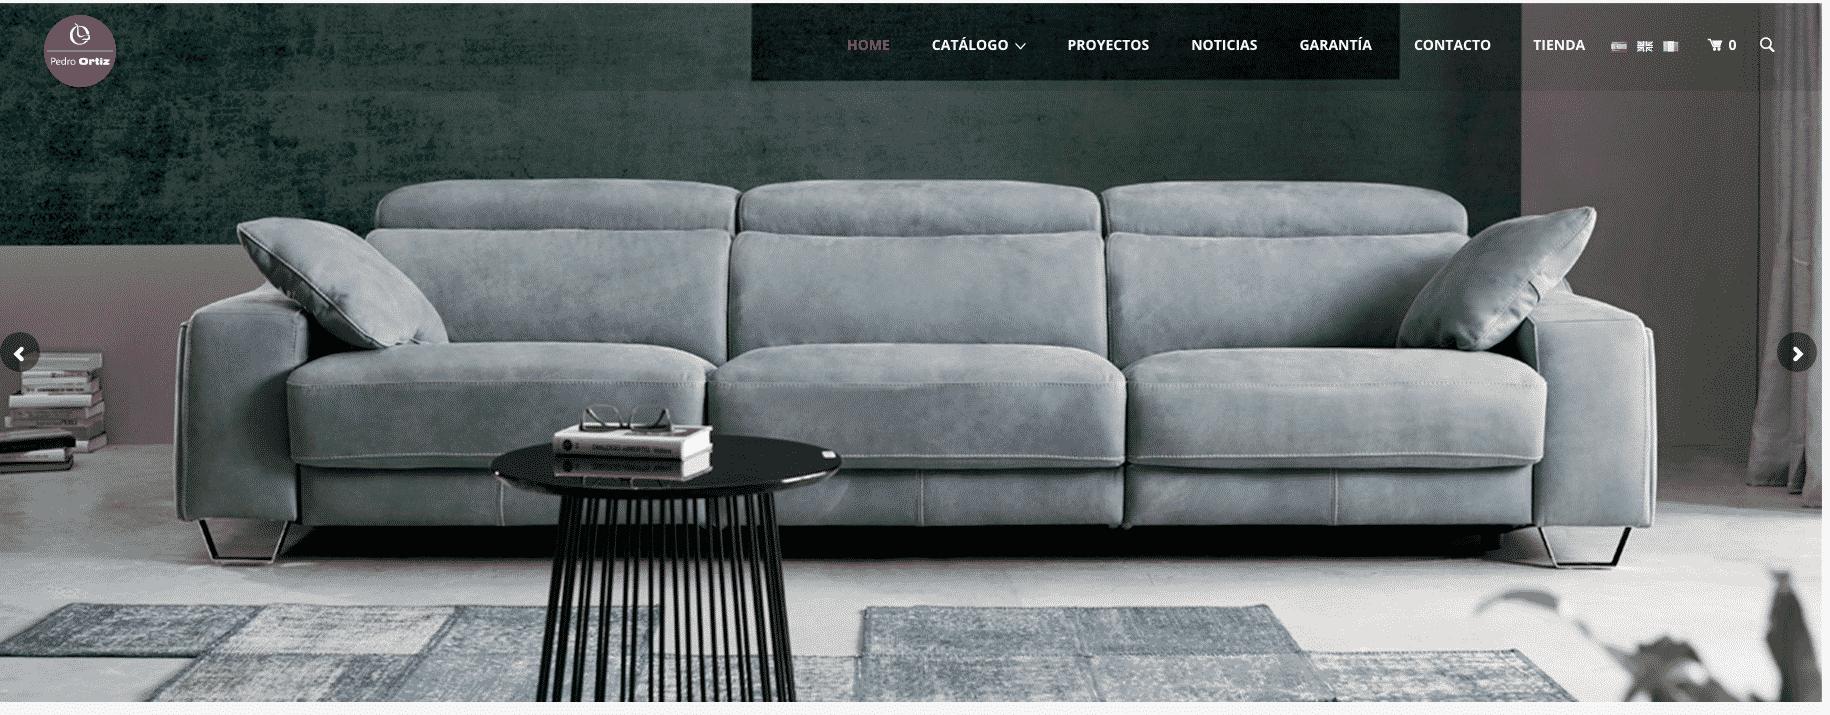 Test pedro ortiz for Los mejores sofas de espana